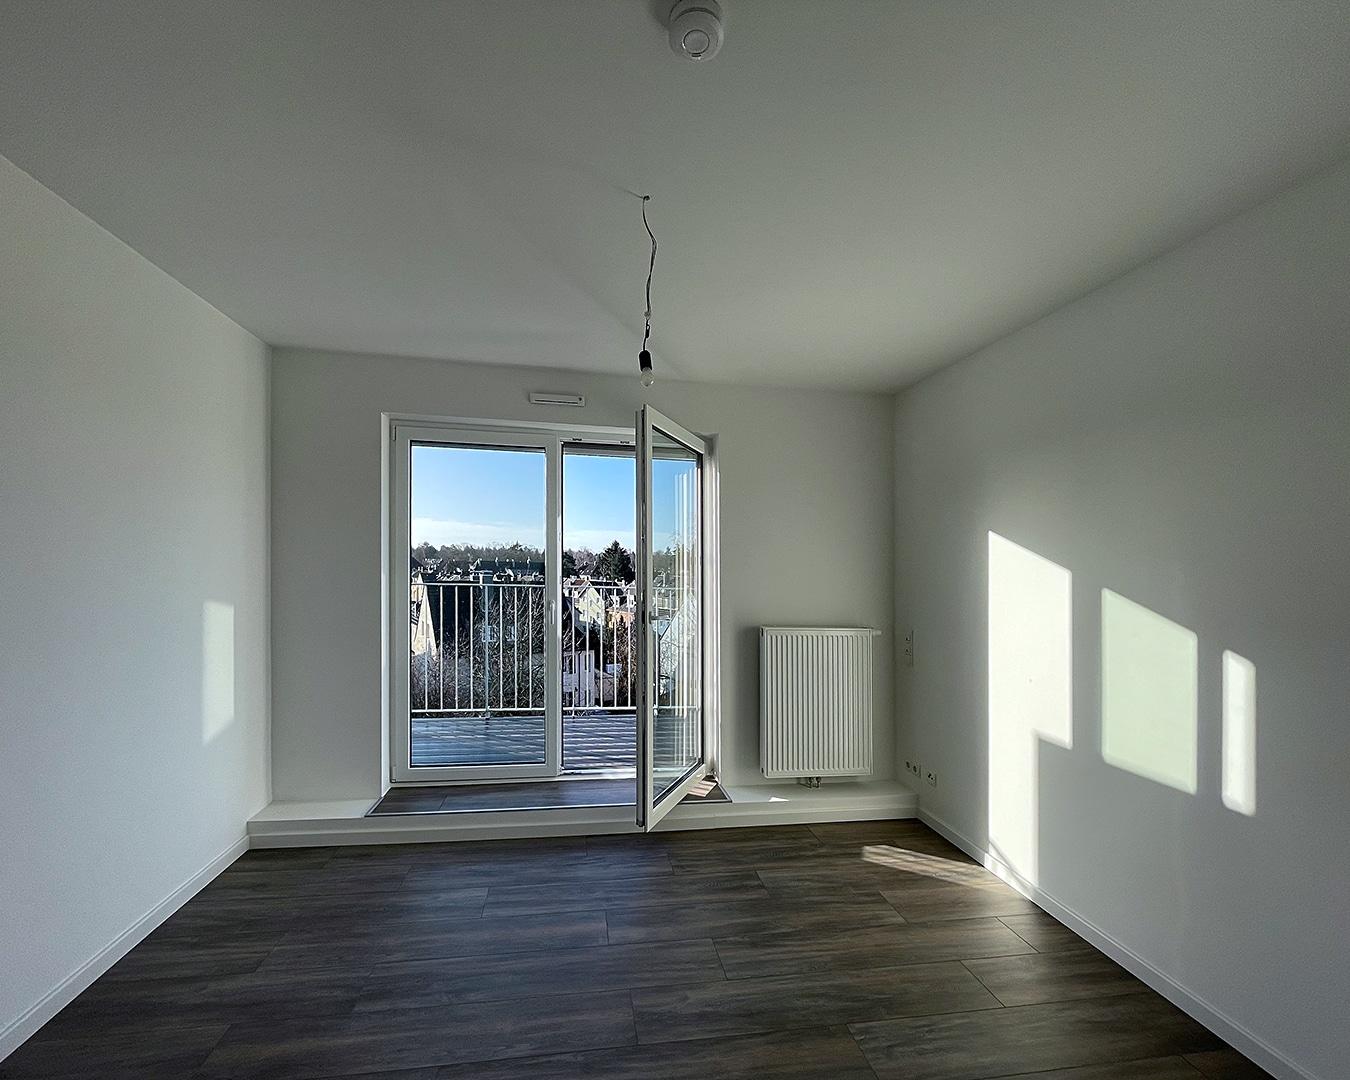 Zimmer 02, Architekturbüro Köln, Immobilie: Aufstockung + Innenausbau Mehrfamilienhaus